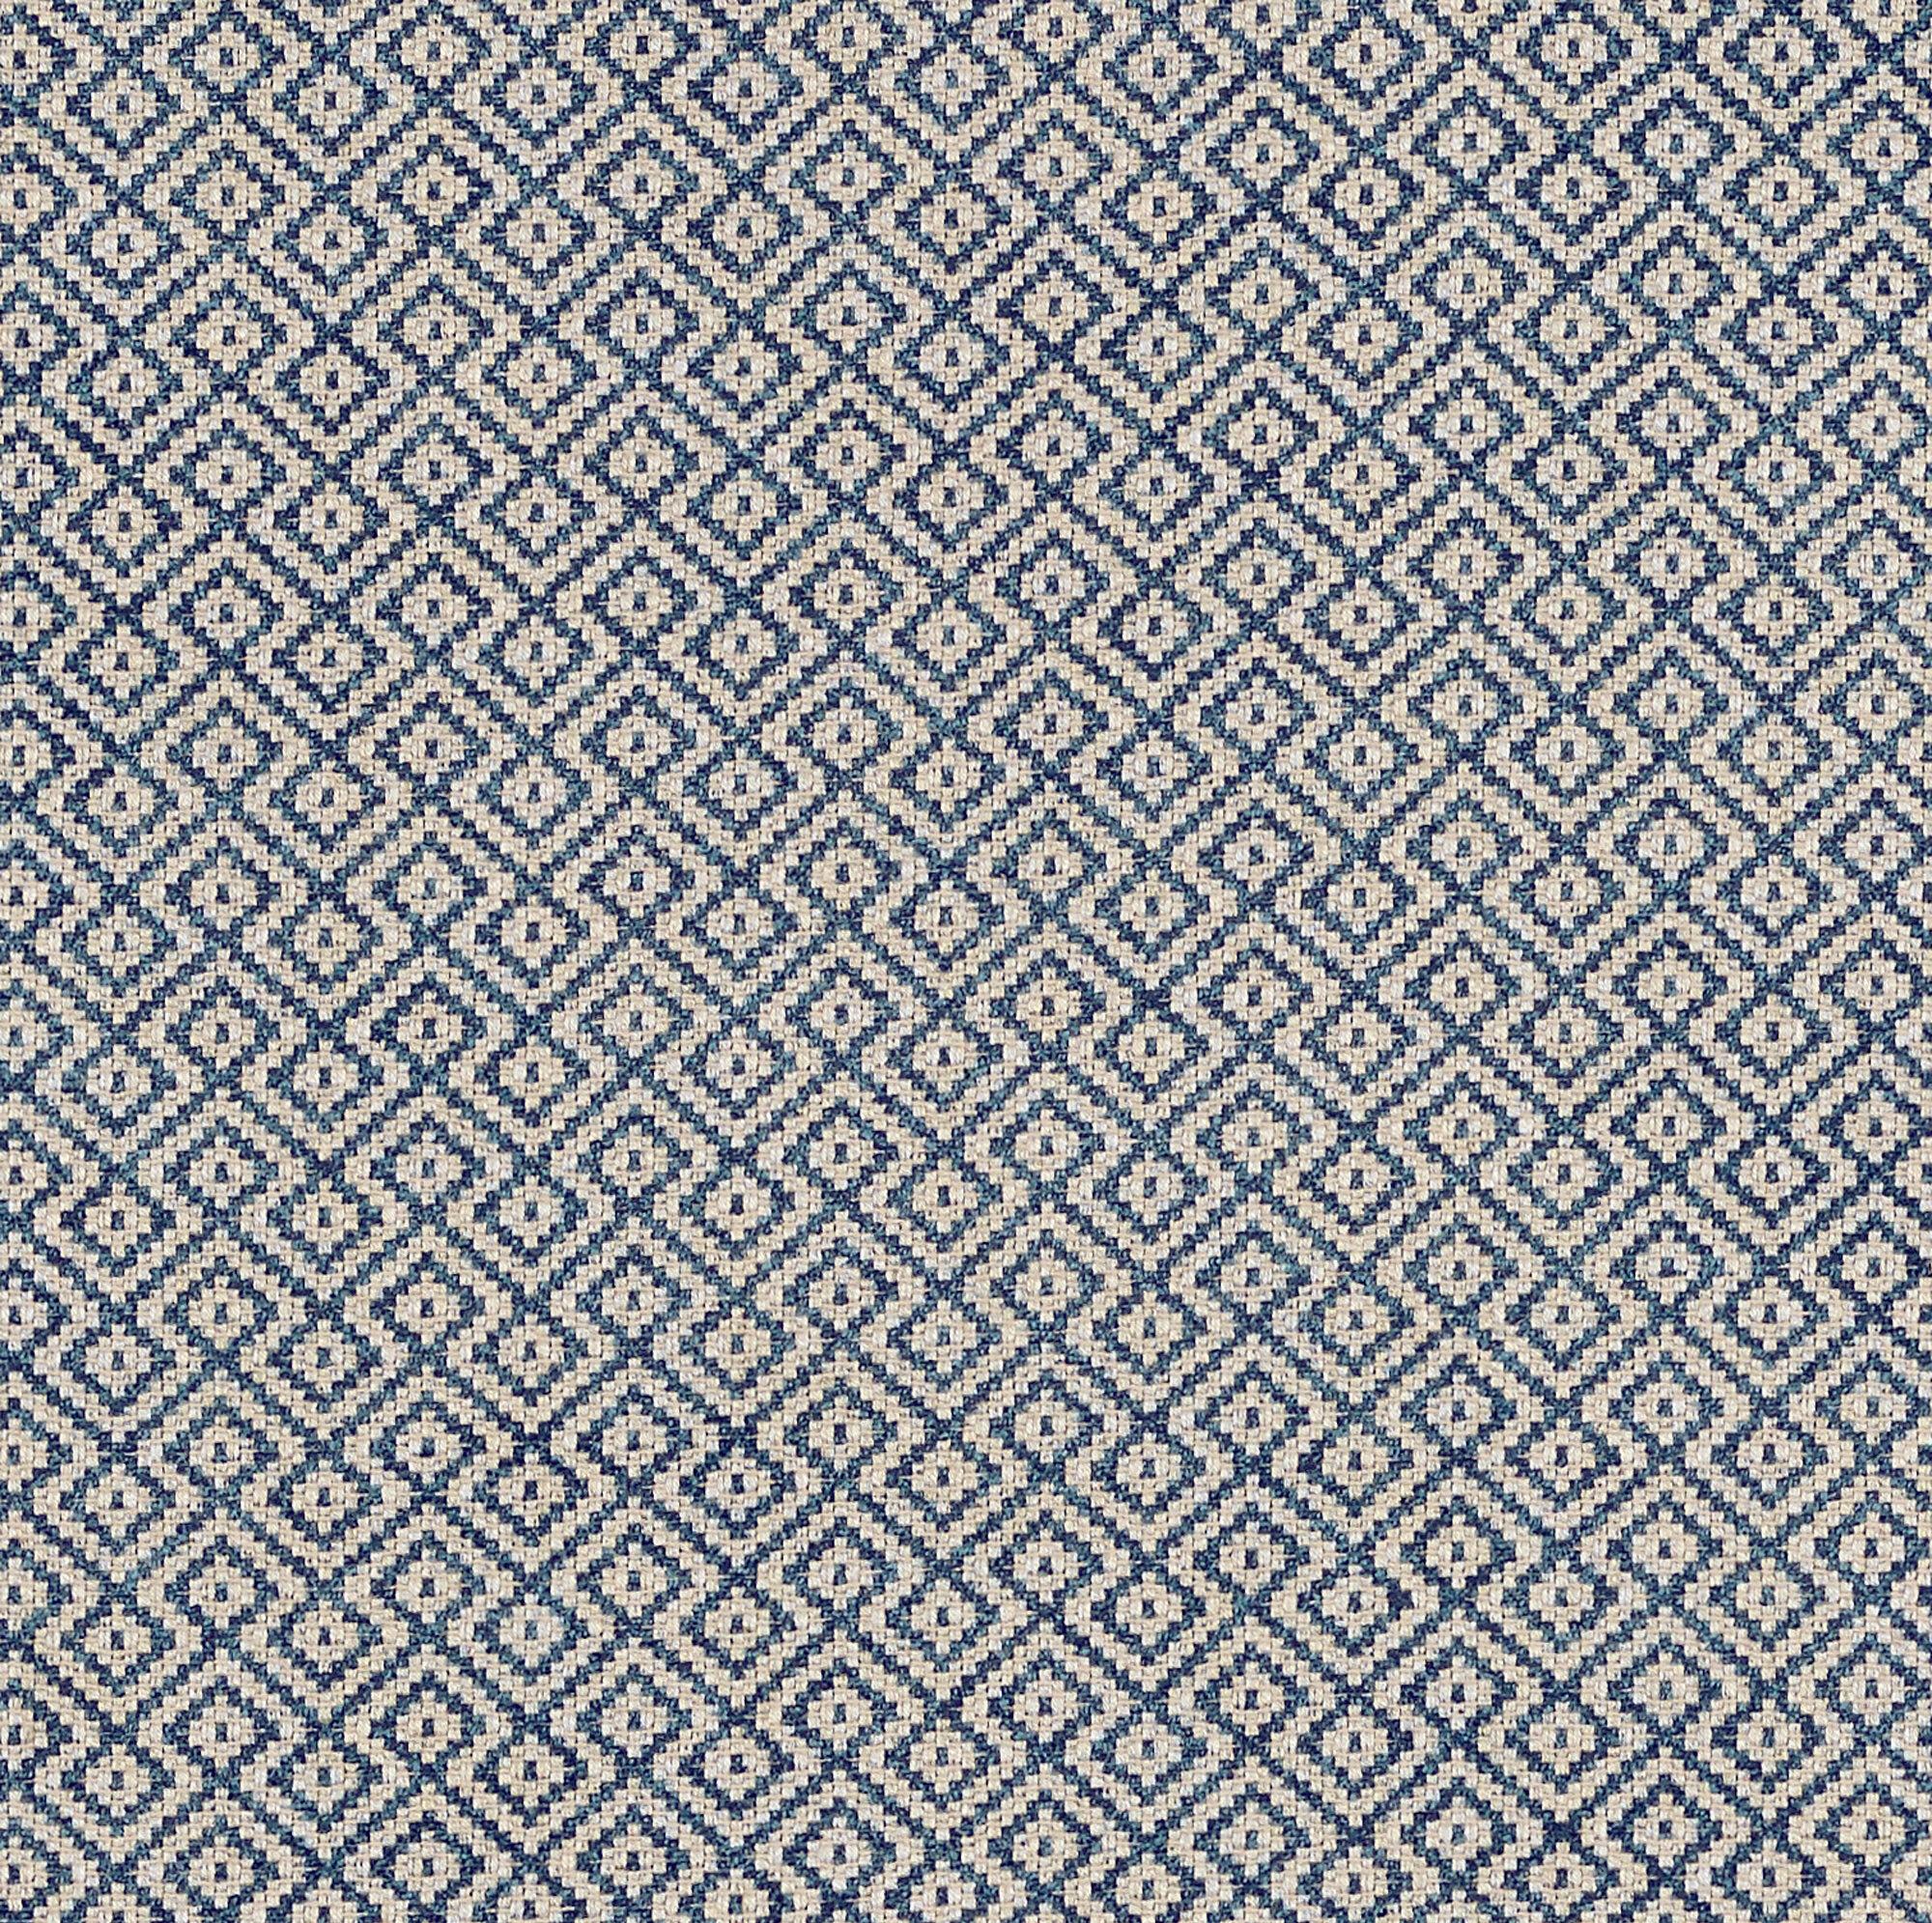 Schumacher Lessing Fabric Wayfair